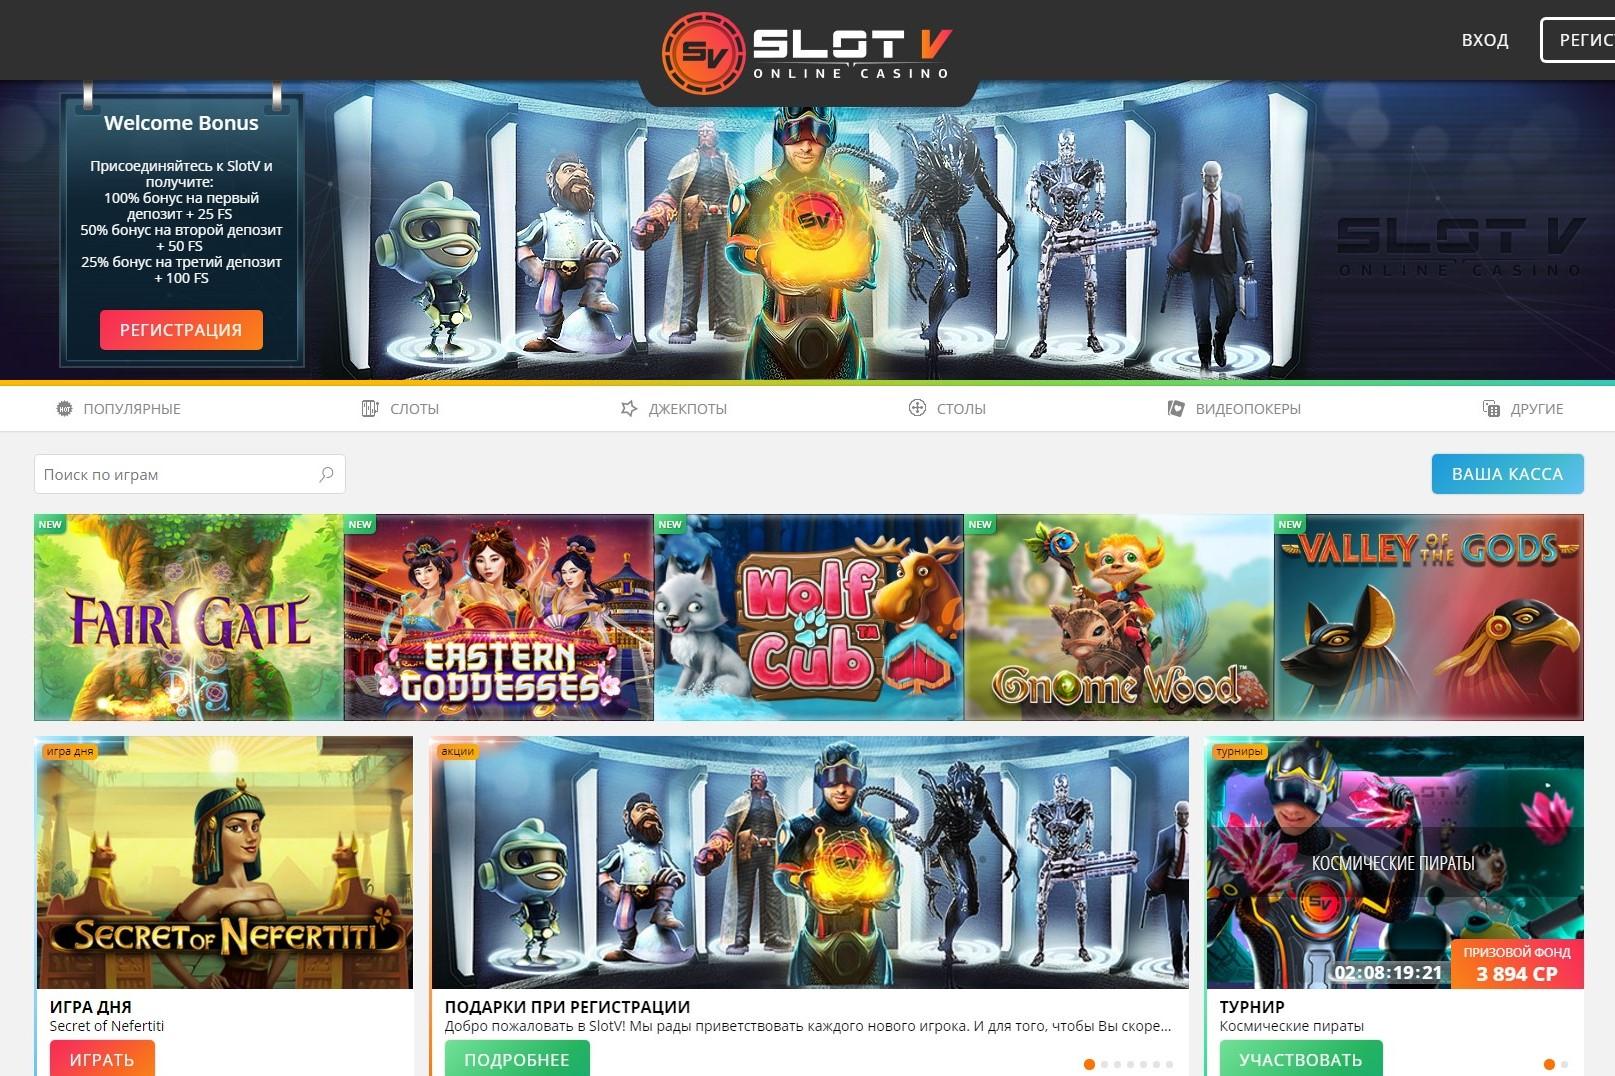 Slot V - Официальный сайт